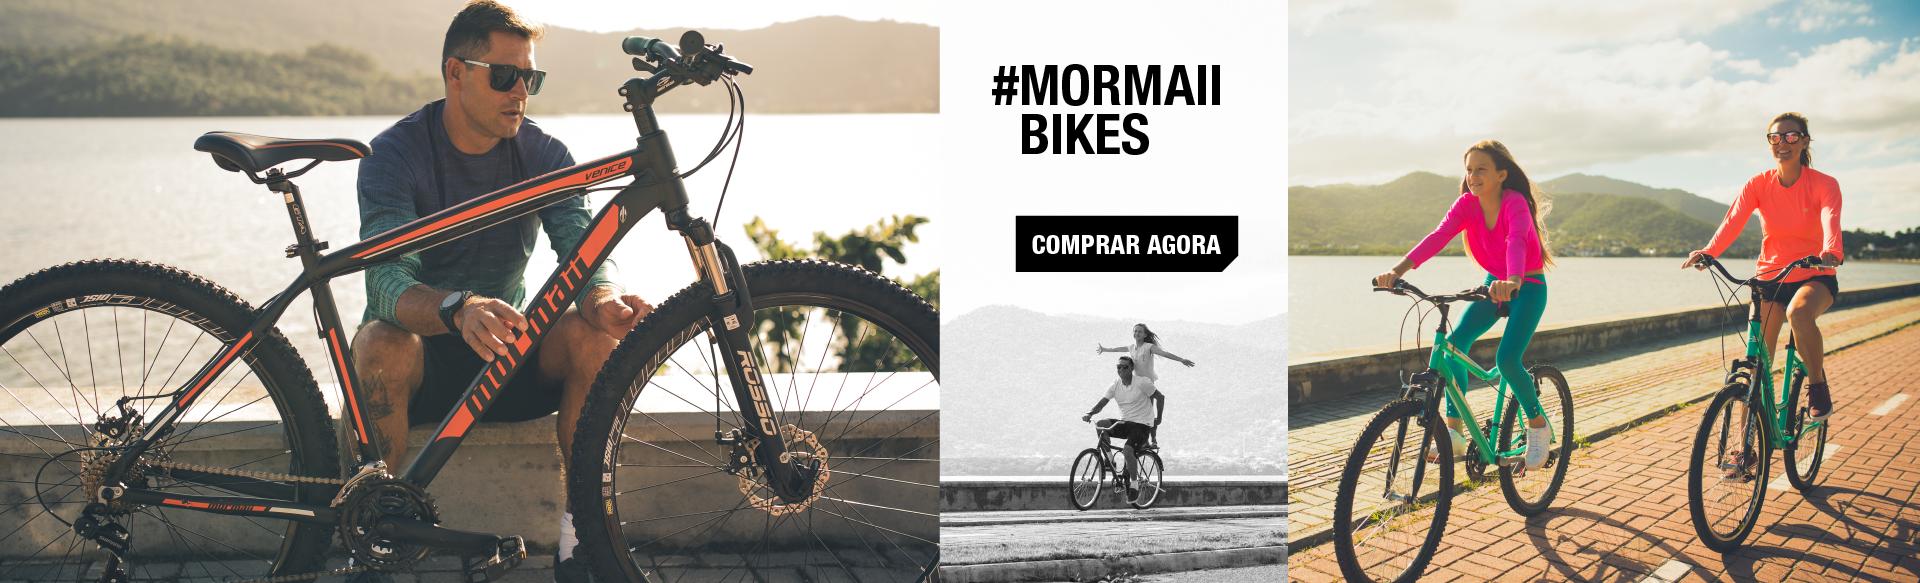 Mormaii Bikes